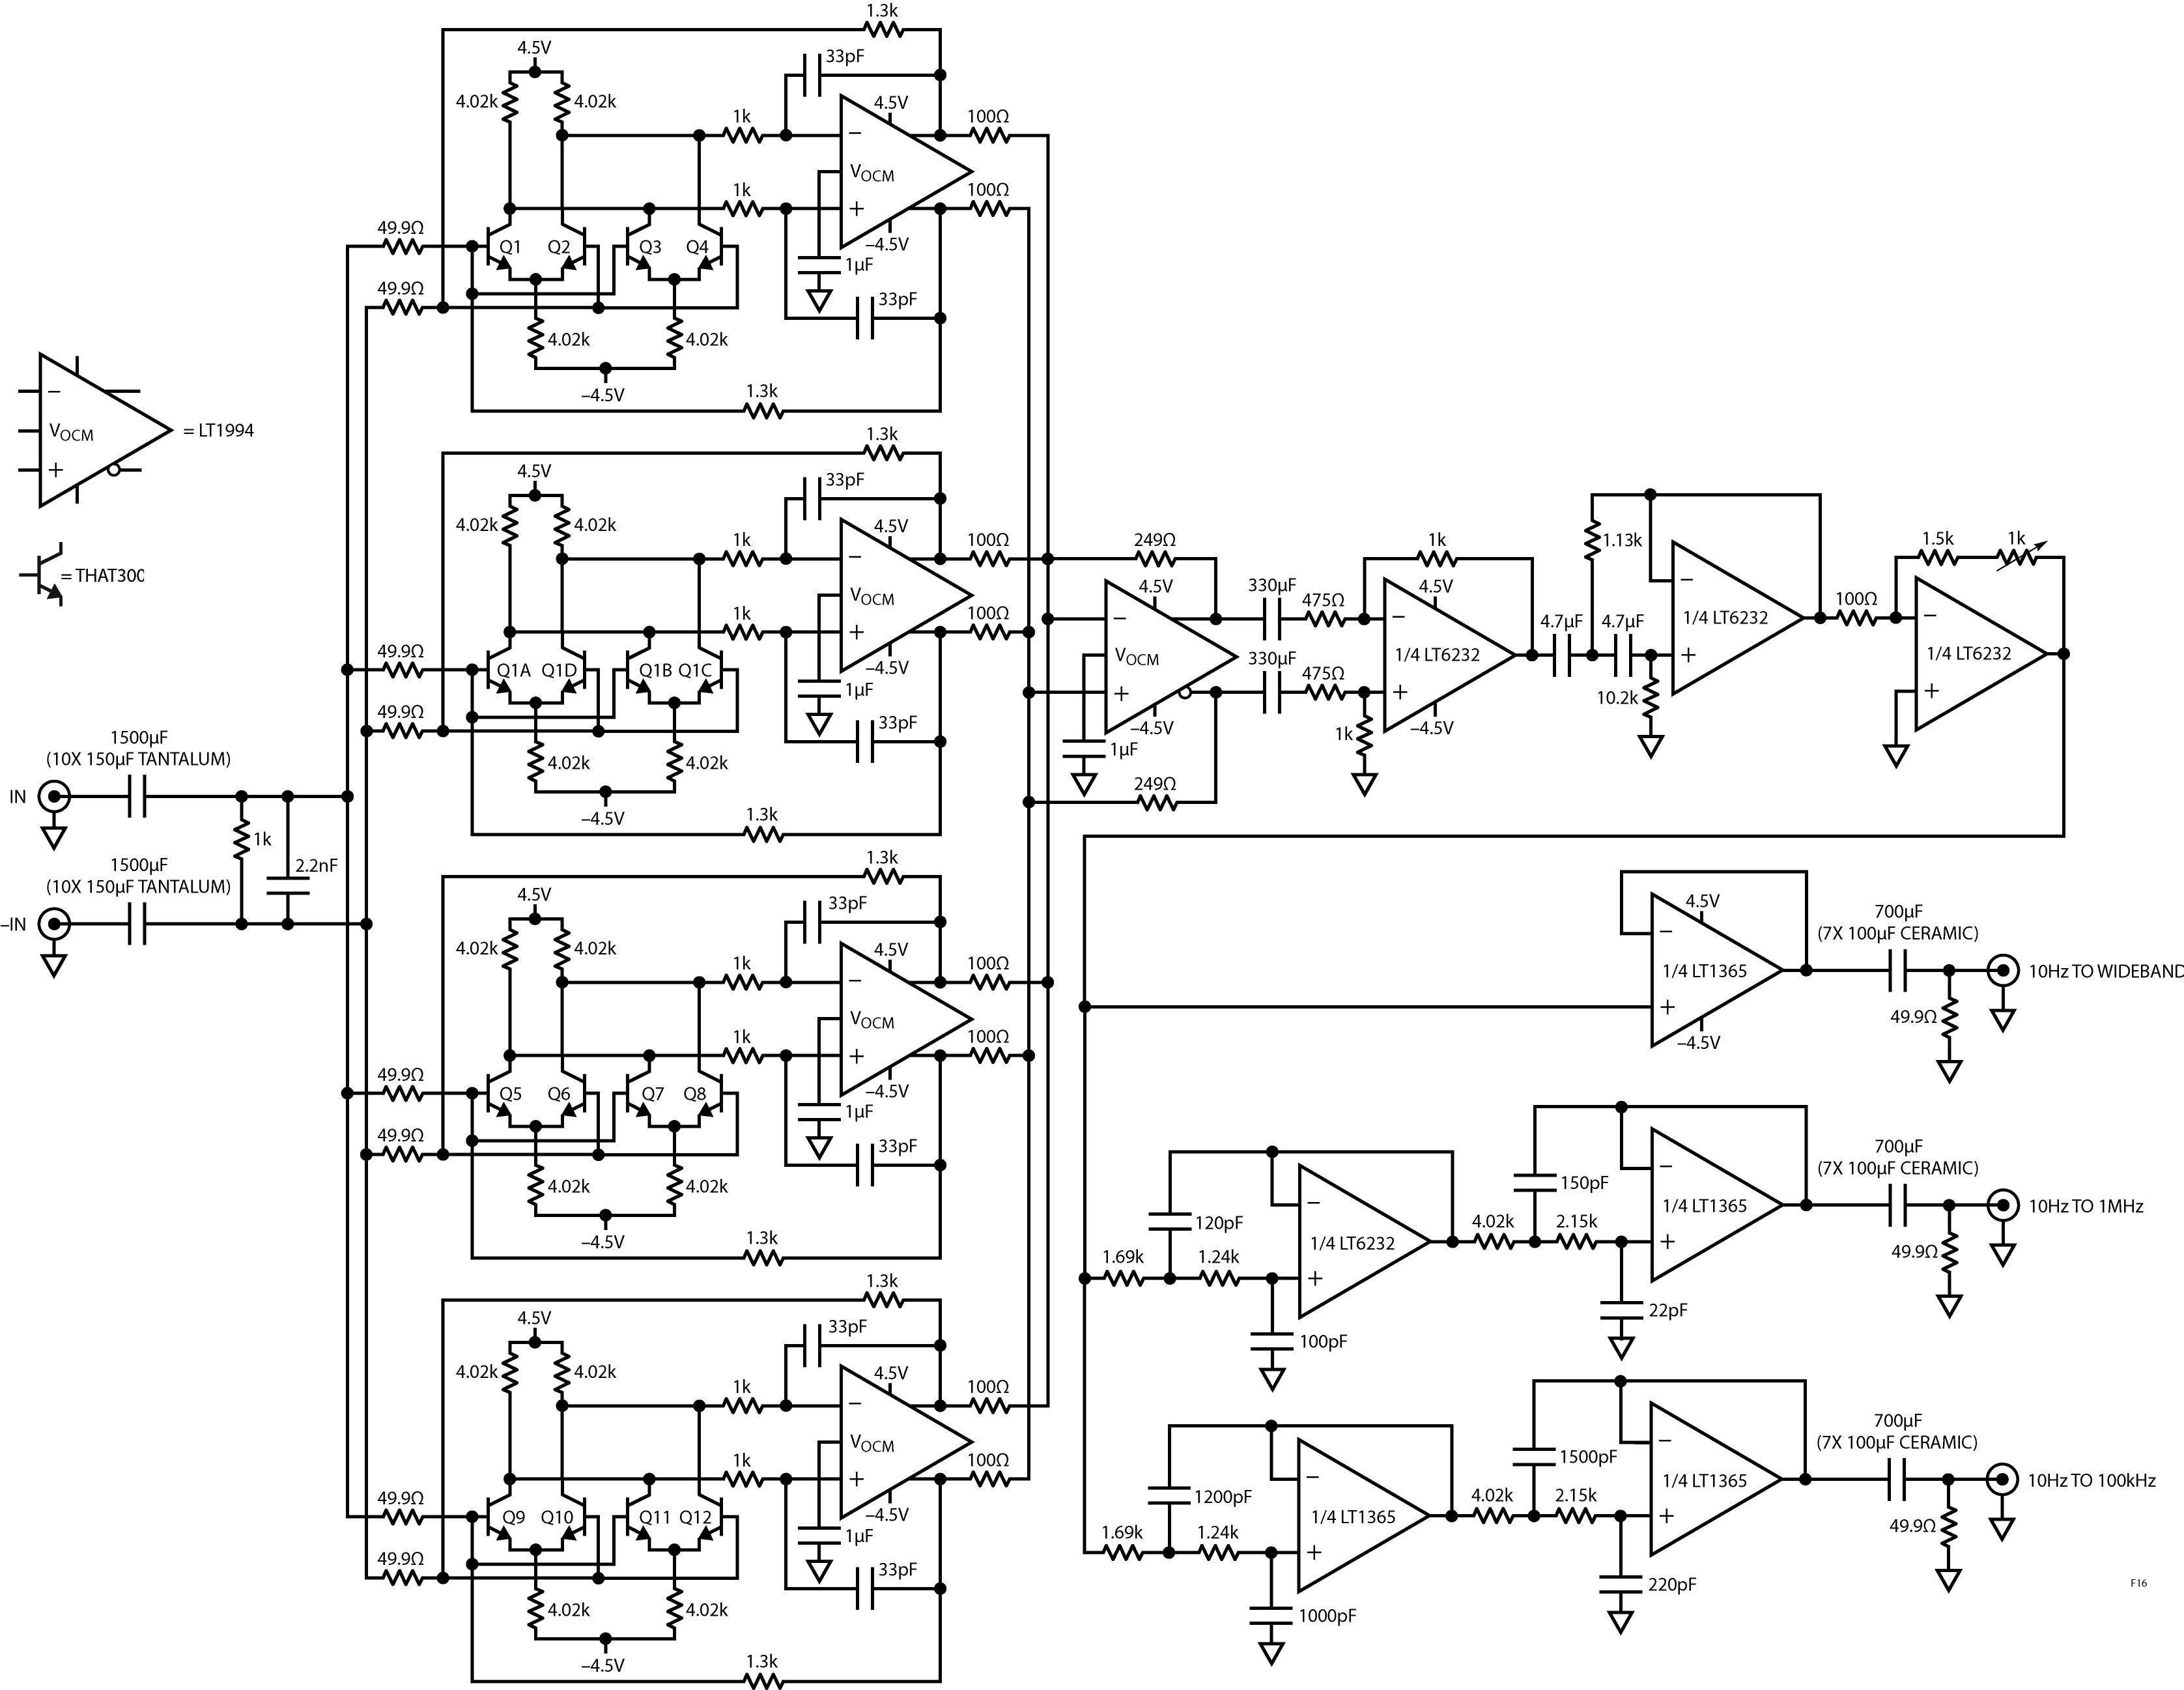 Figura 16. Un amplificatore migliorato fornisce ingressi differenziali con 80dB di guadagno.